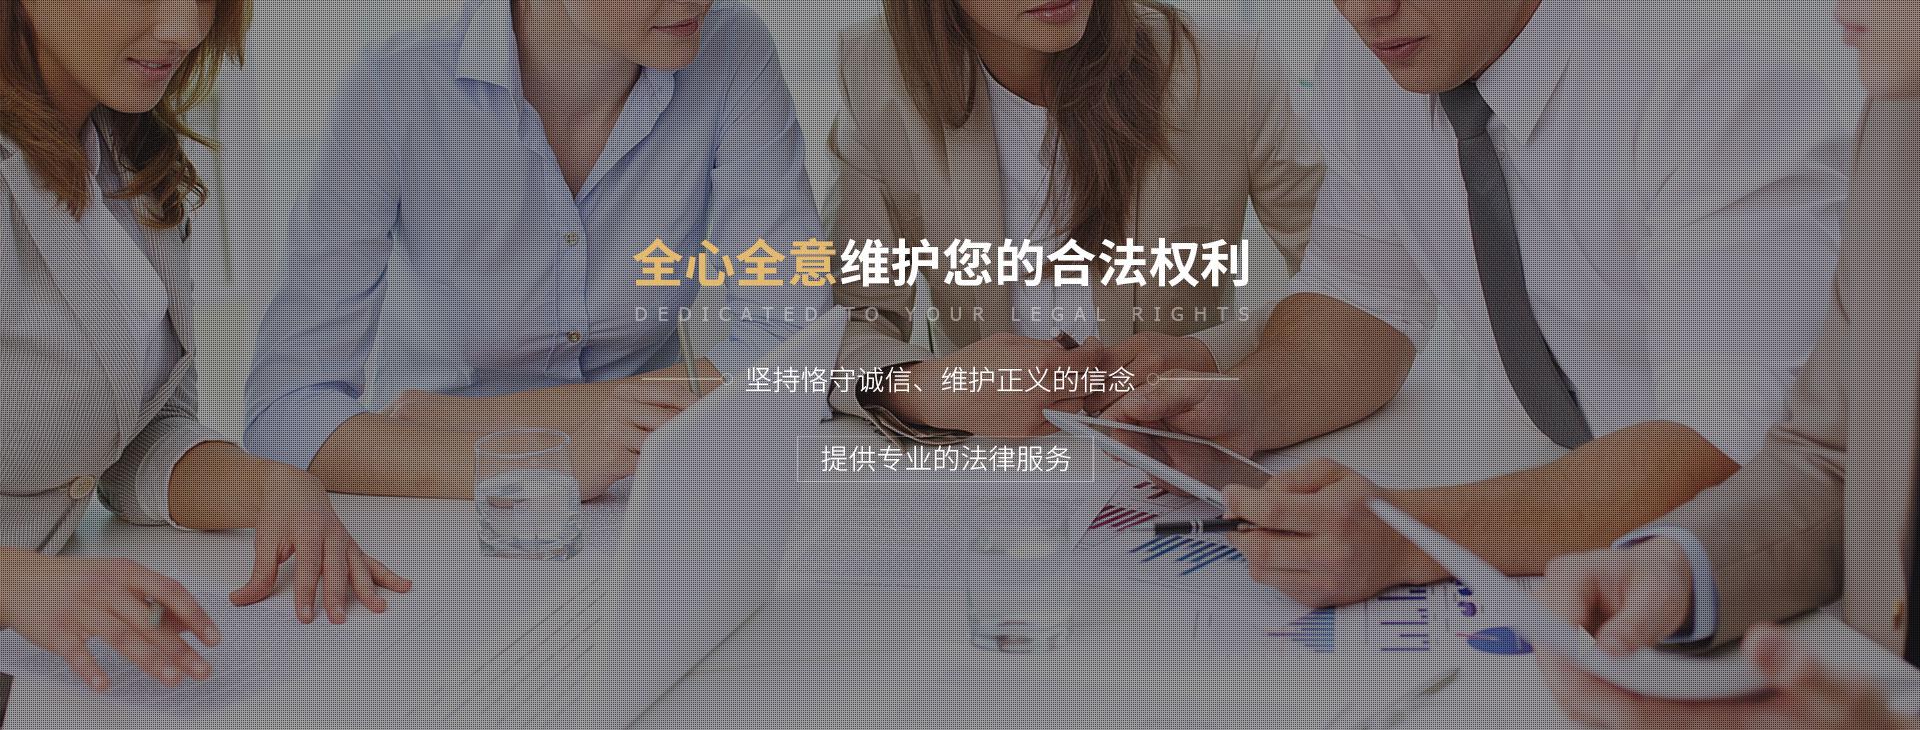 上海智坚律师事务所